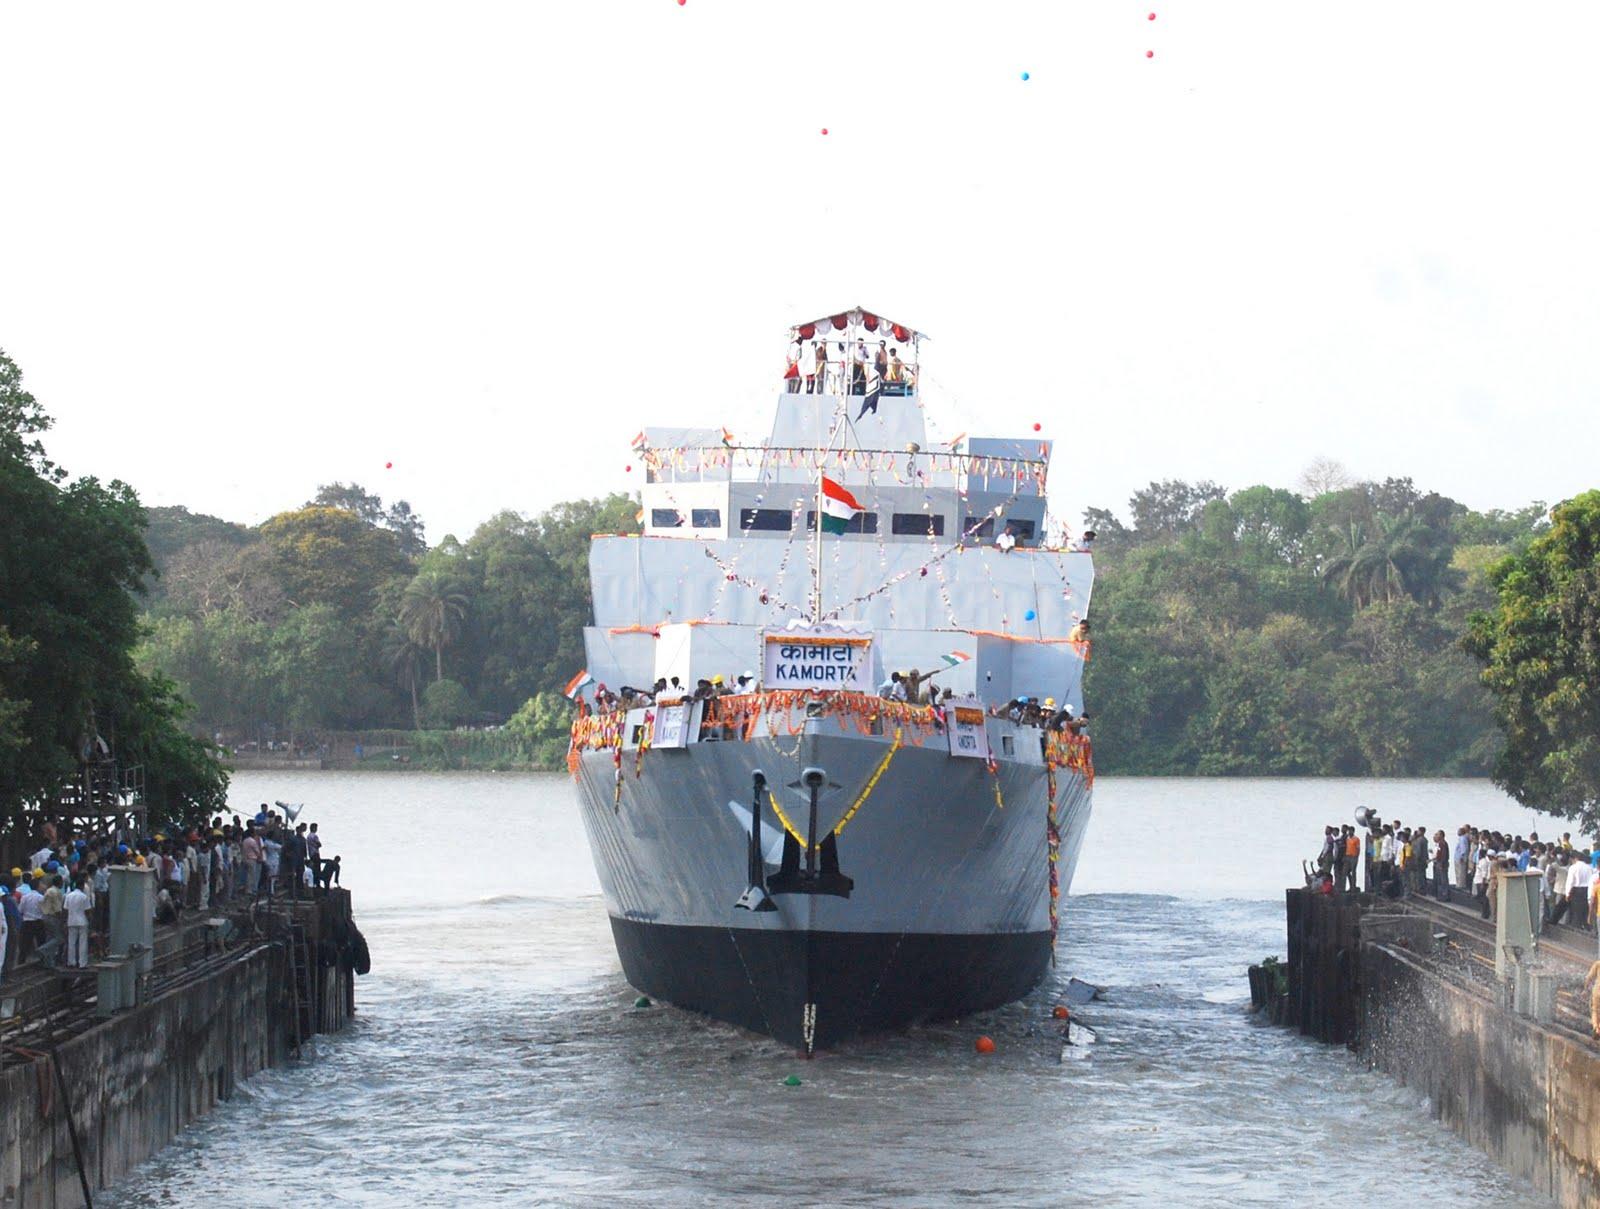 مفهوم الشبحية و تطبيقها في المجال البحري  Kamorta+,+First+Anti+Submarine+Warfare+Corvette+built+at+GRSE,+Kolkata+takes+to+water+today.-724364